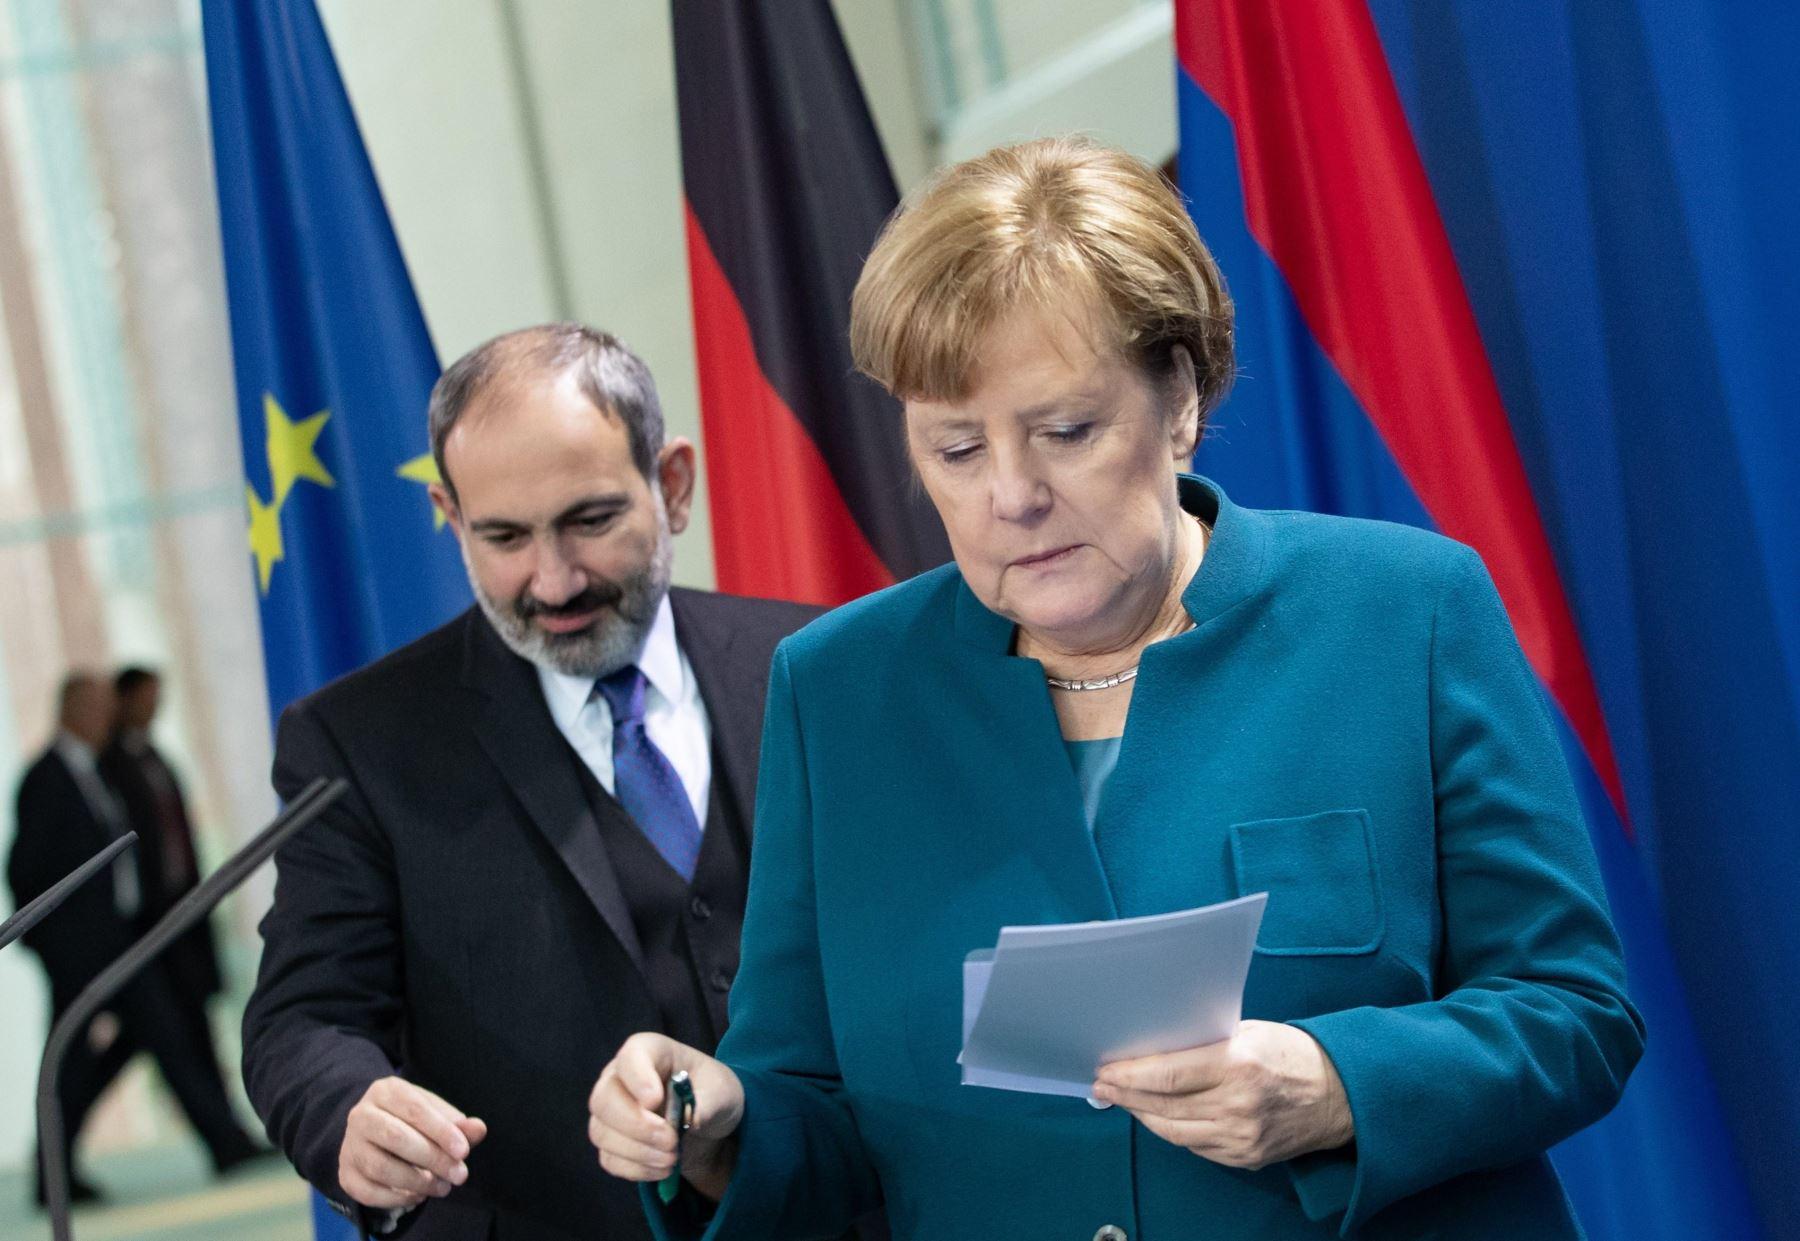 La canciller alemana, Angela Merkel, y el primer ministro de Armenia, Nikol Pashinyan, durante una rueda de prensa Foto: EFE